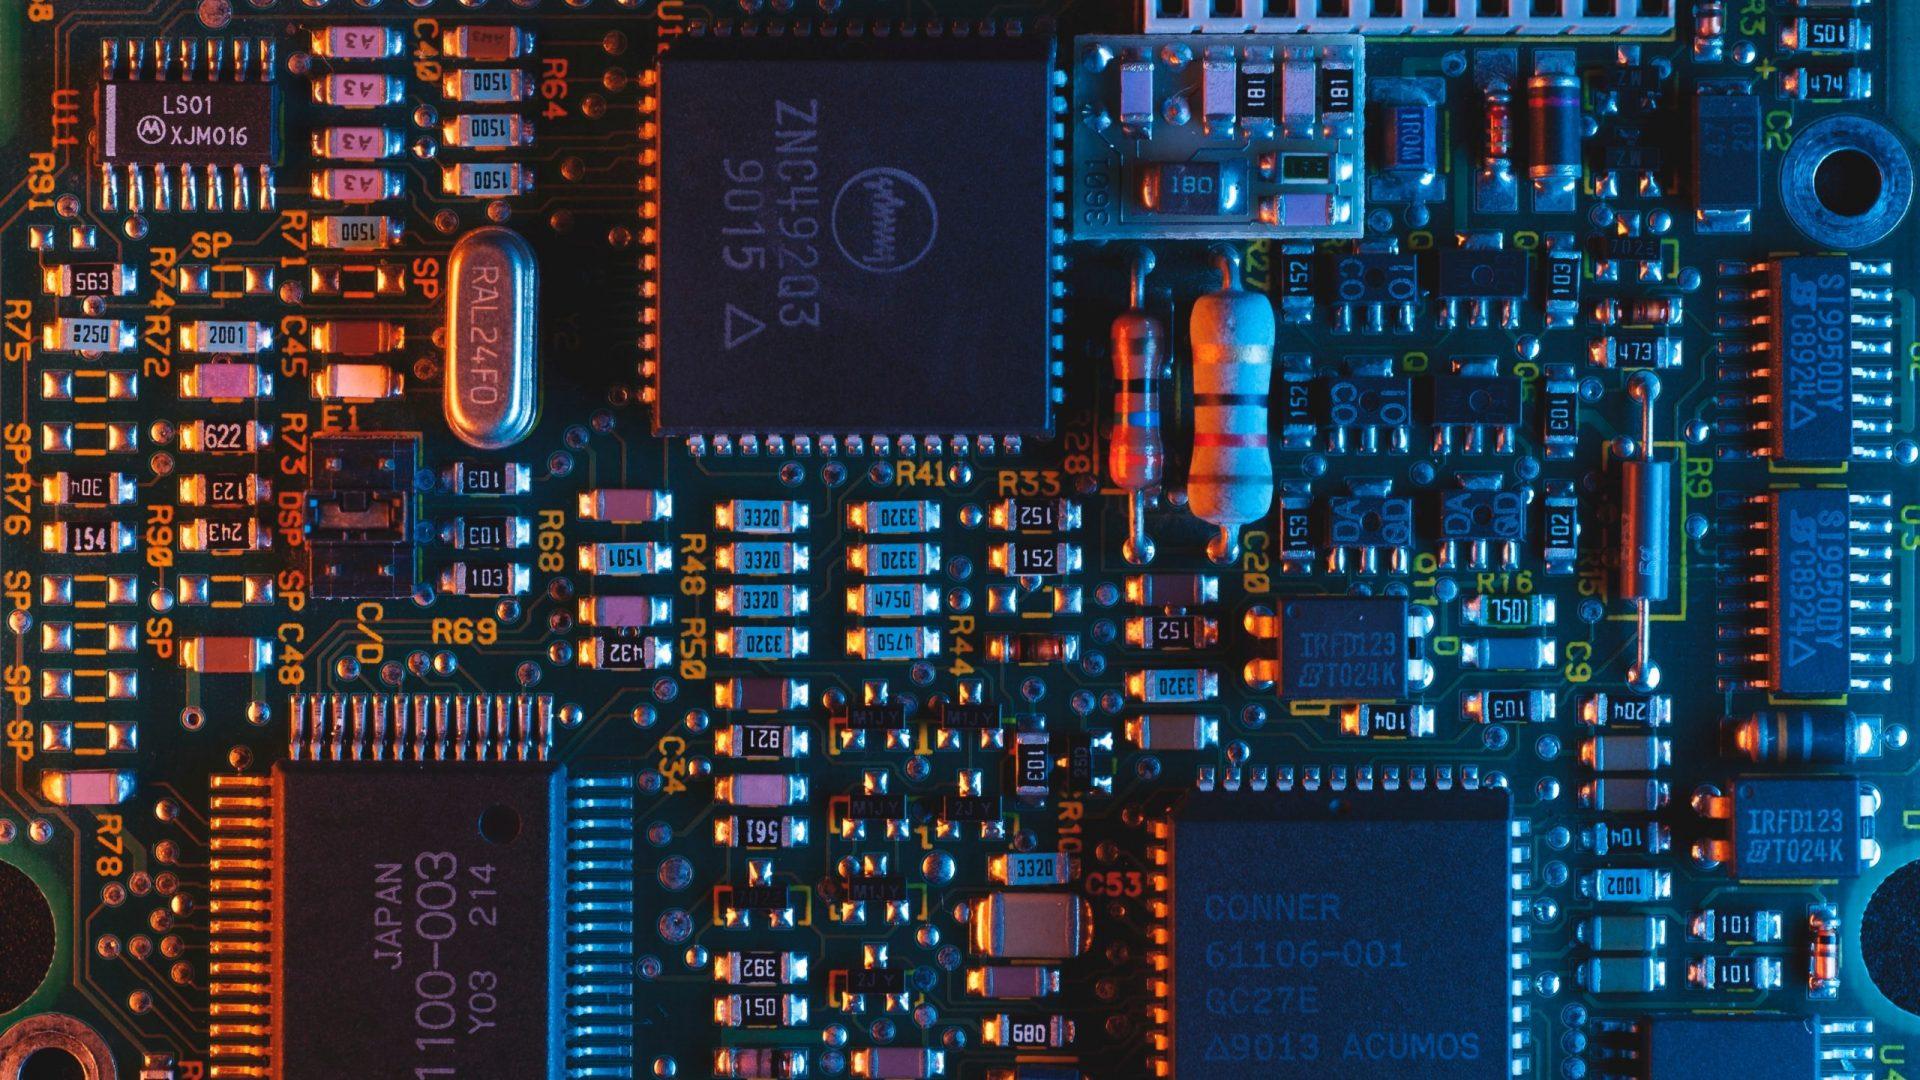 Chipdator